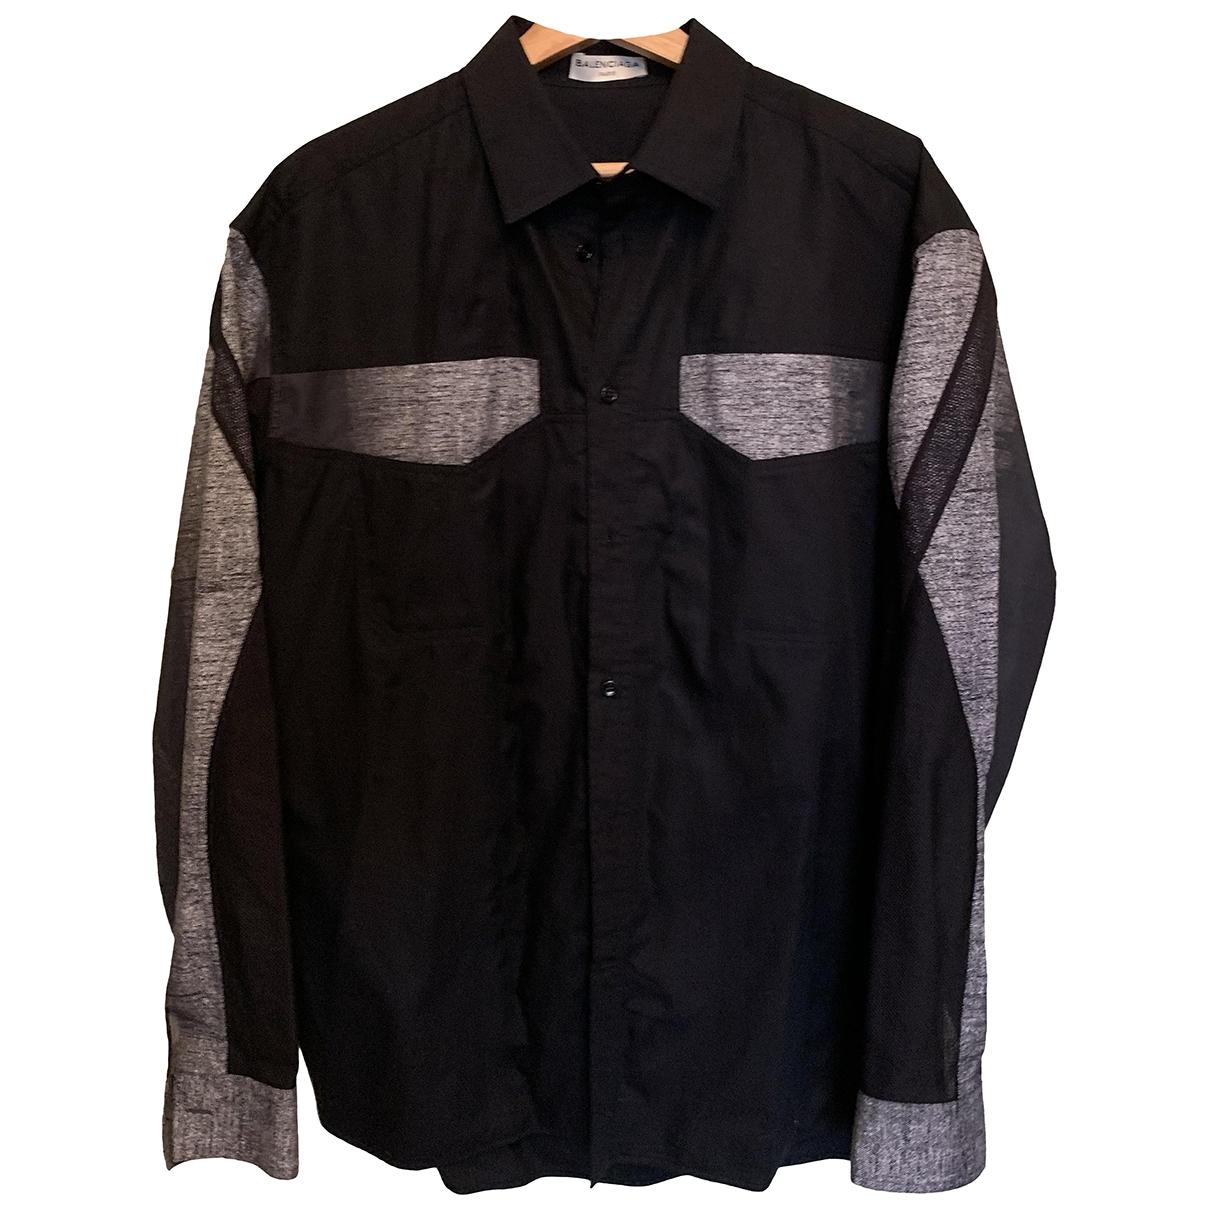 Balenciaga \N Black Cotton Shirts for Men 38 EU (tour de cou / collar)